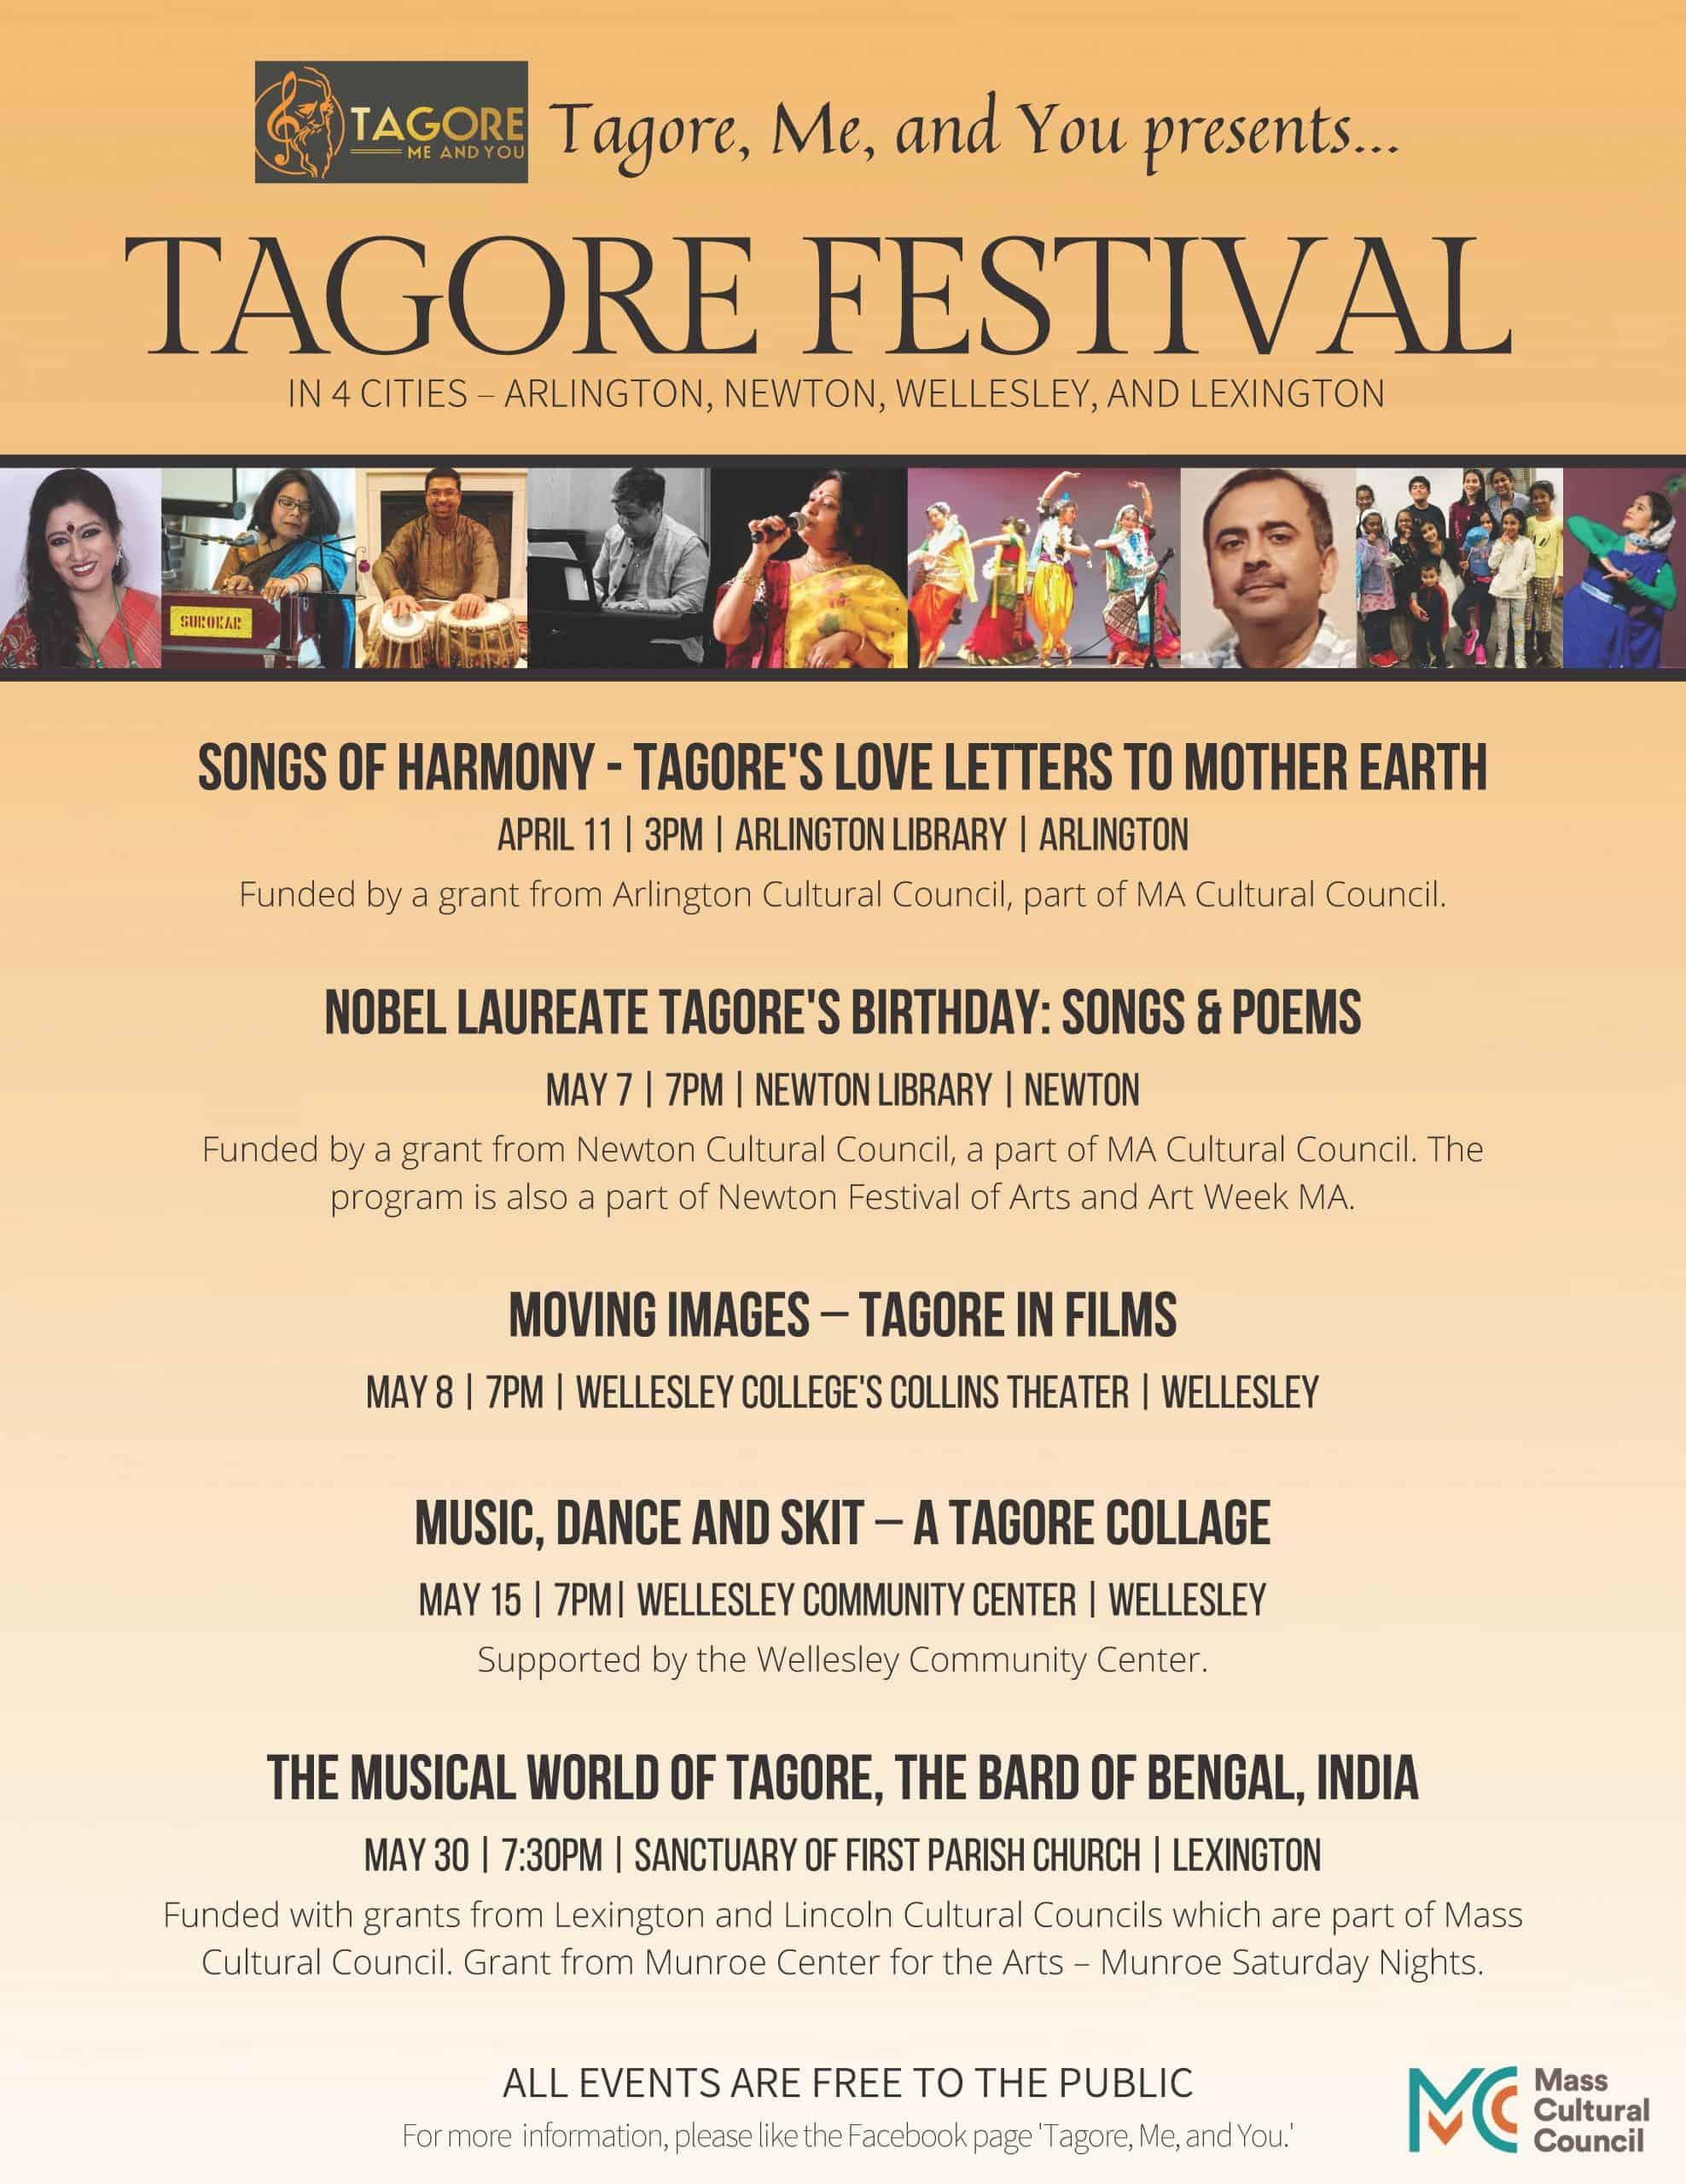 Tagorefestival